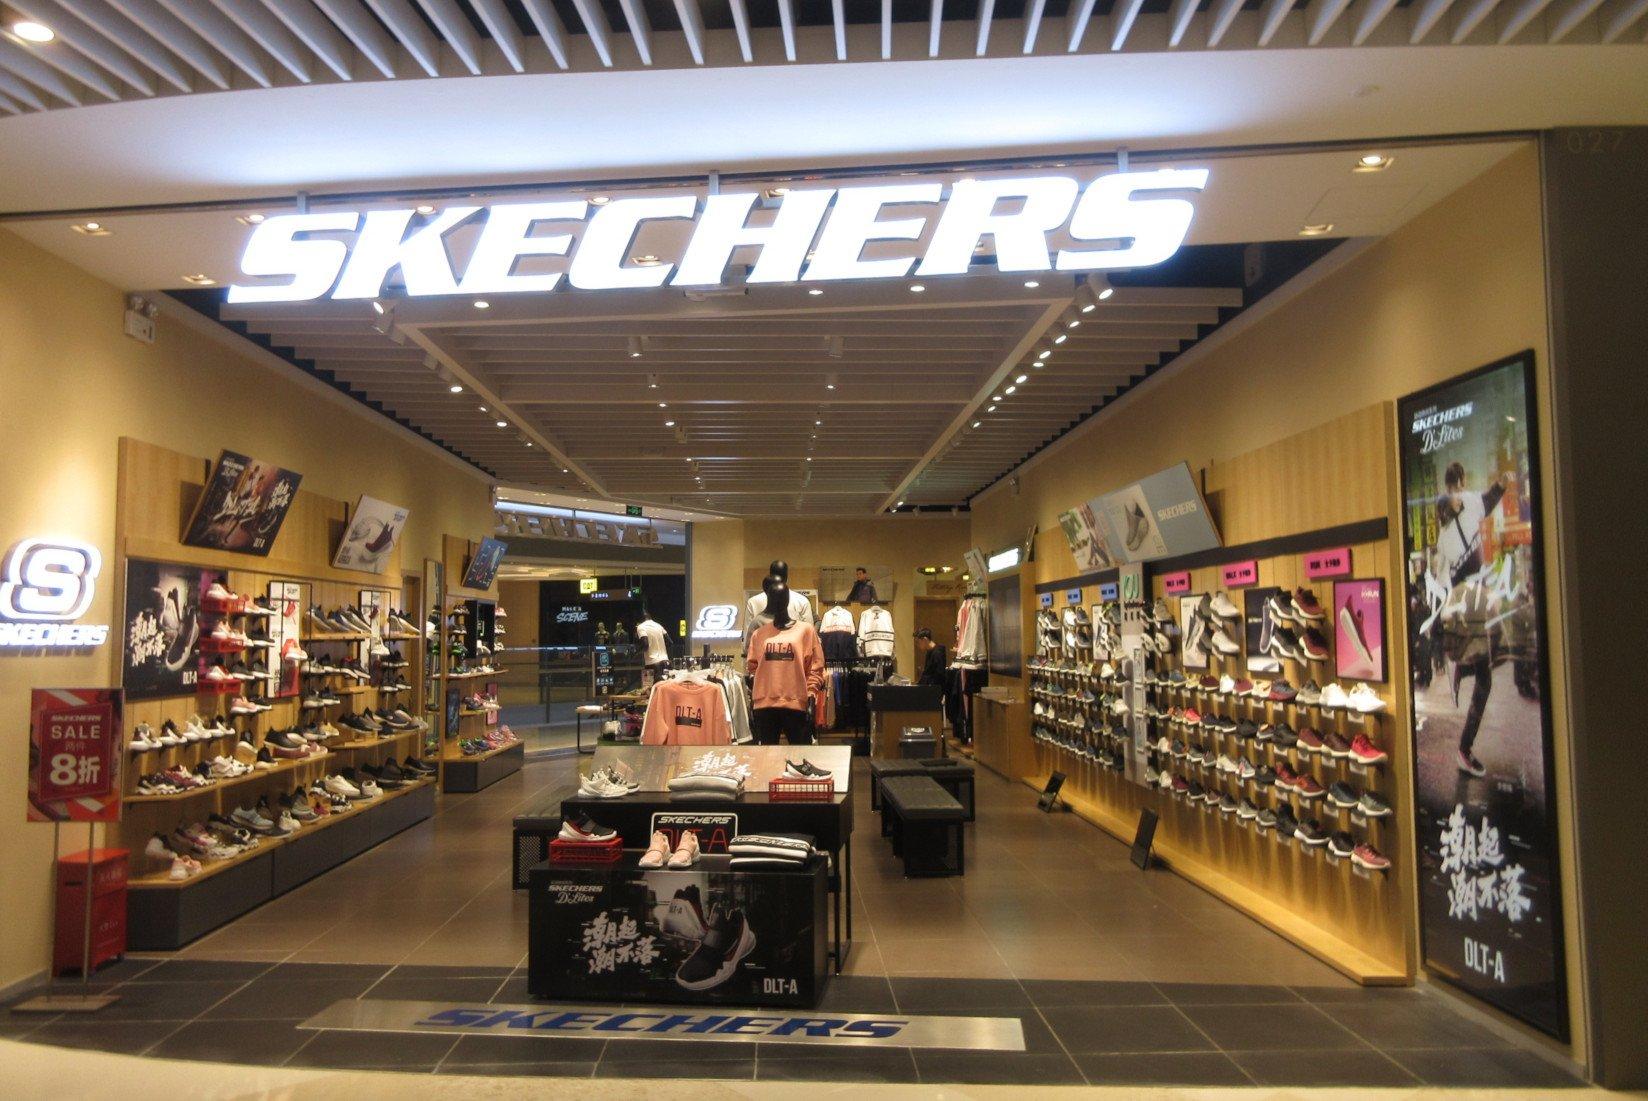 Uno store Skechers